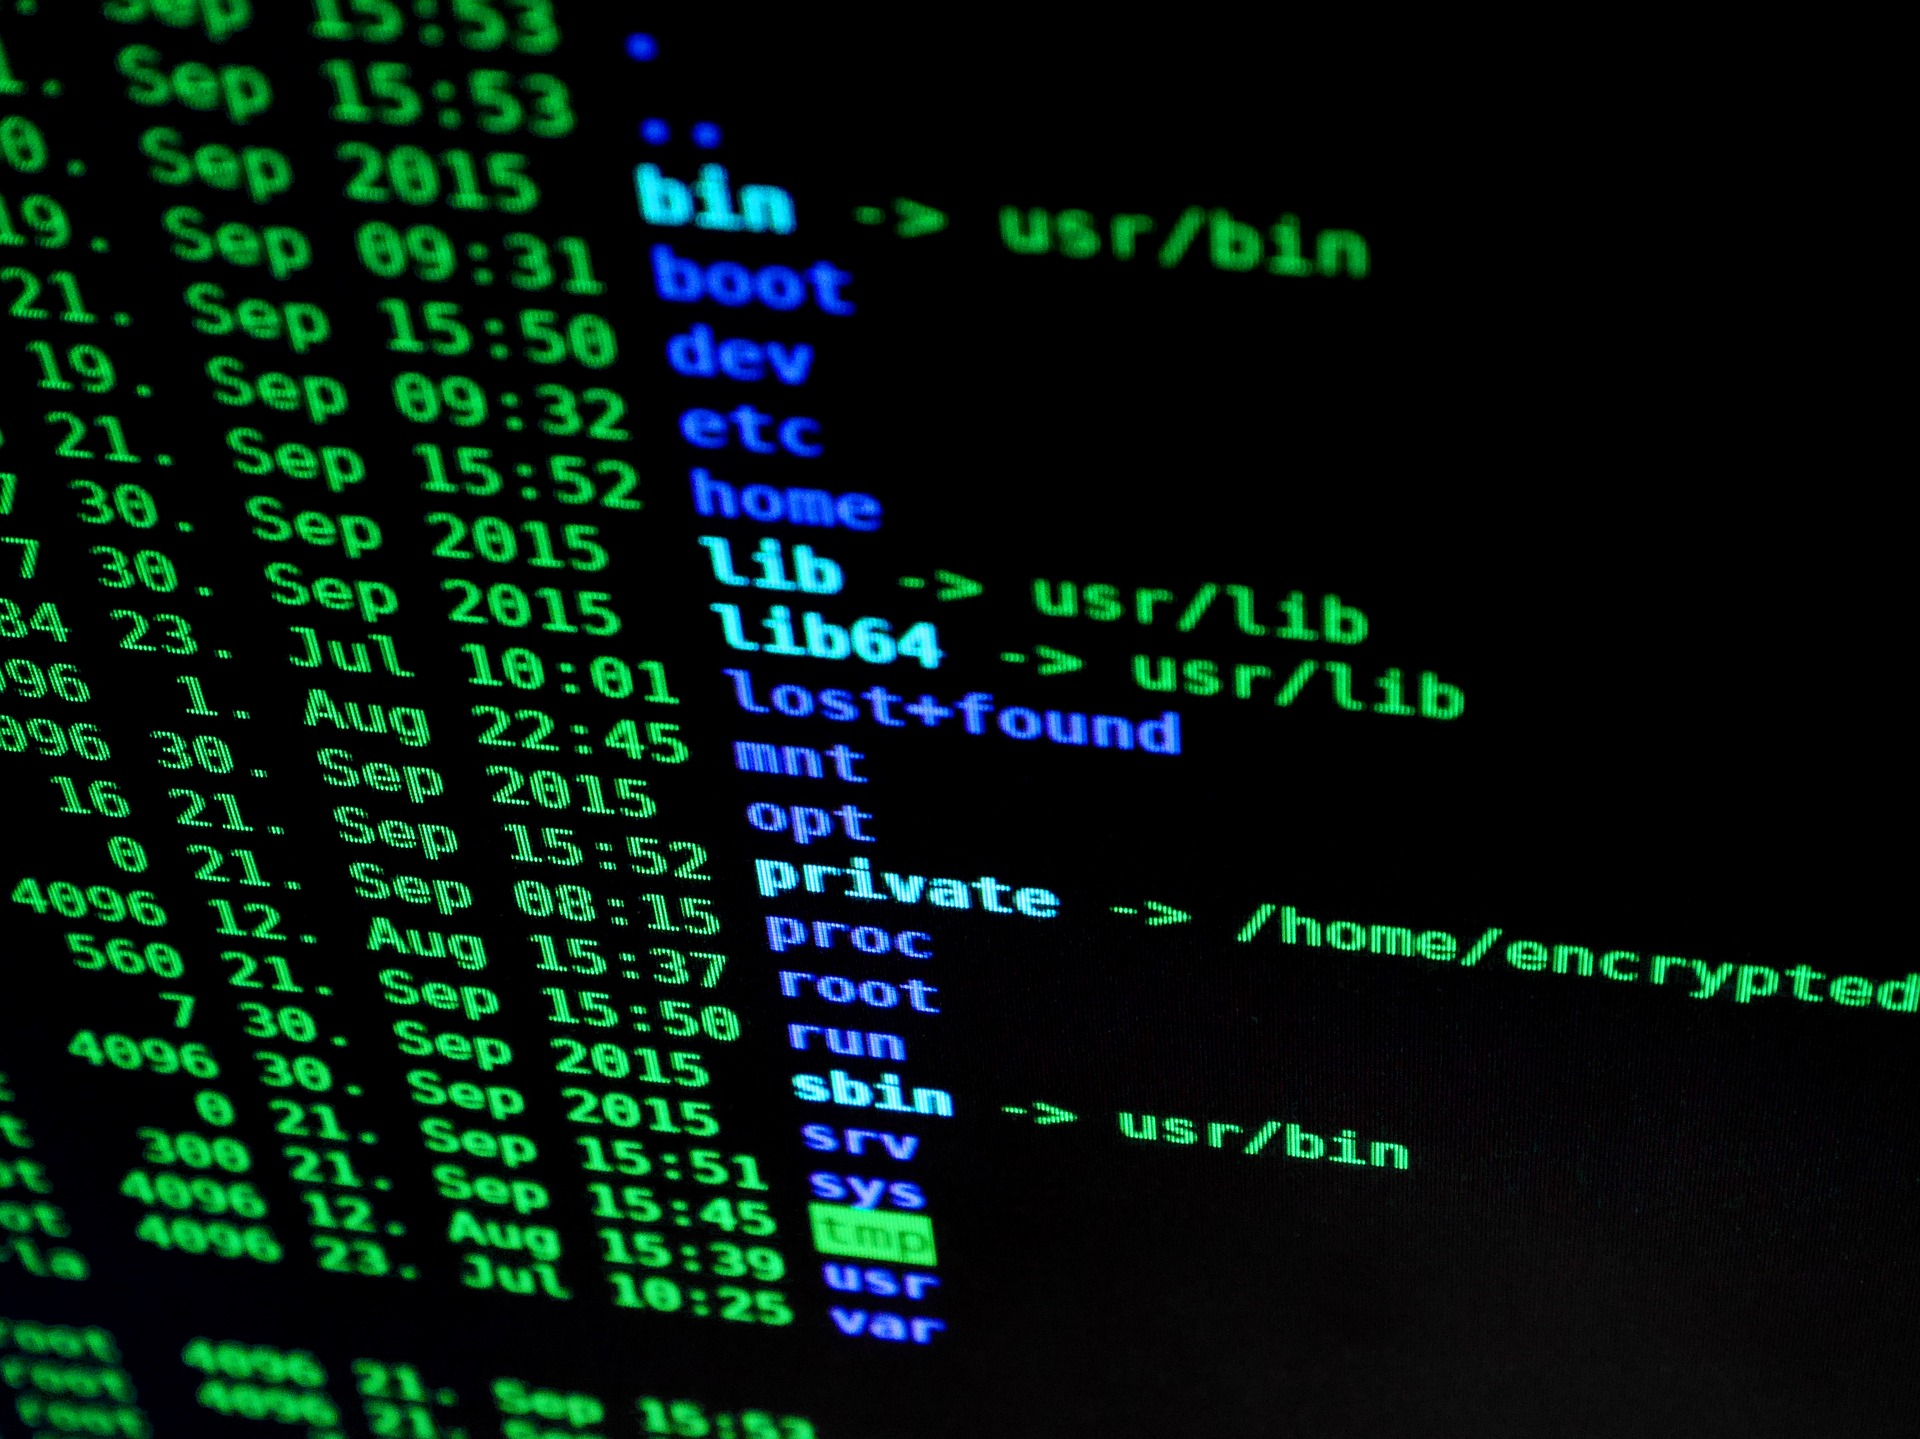 Enquête informatique - Cybercriminalité - Détective privé